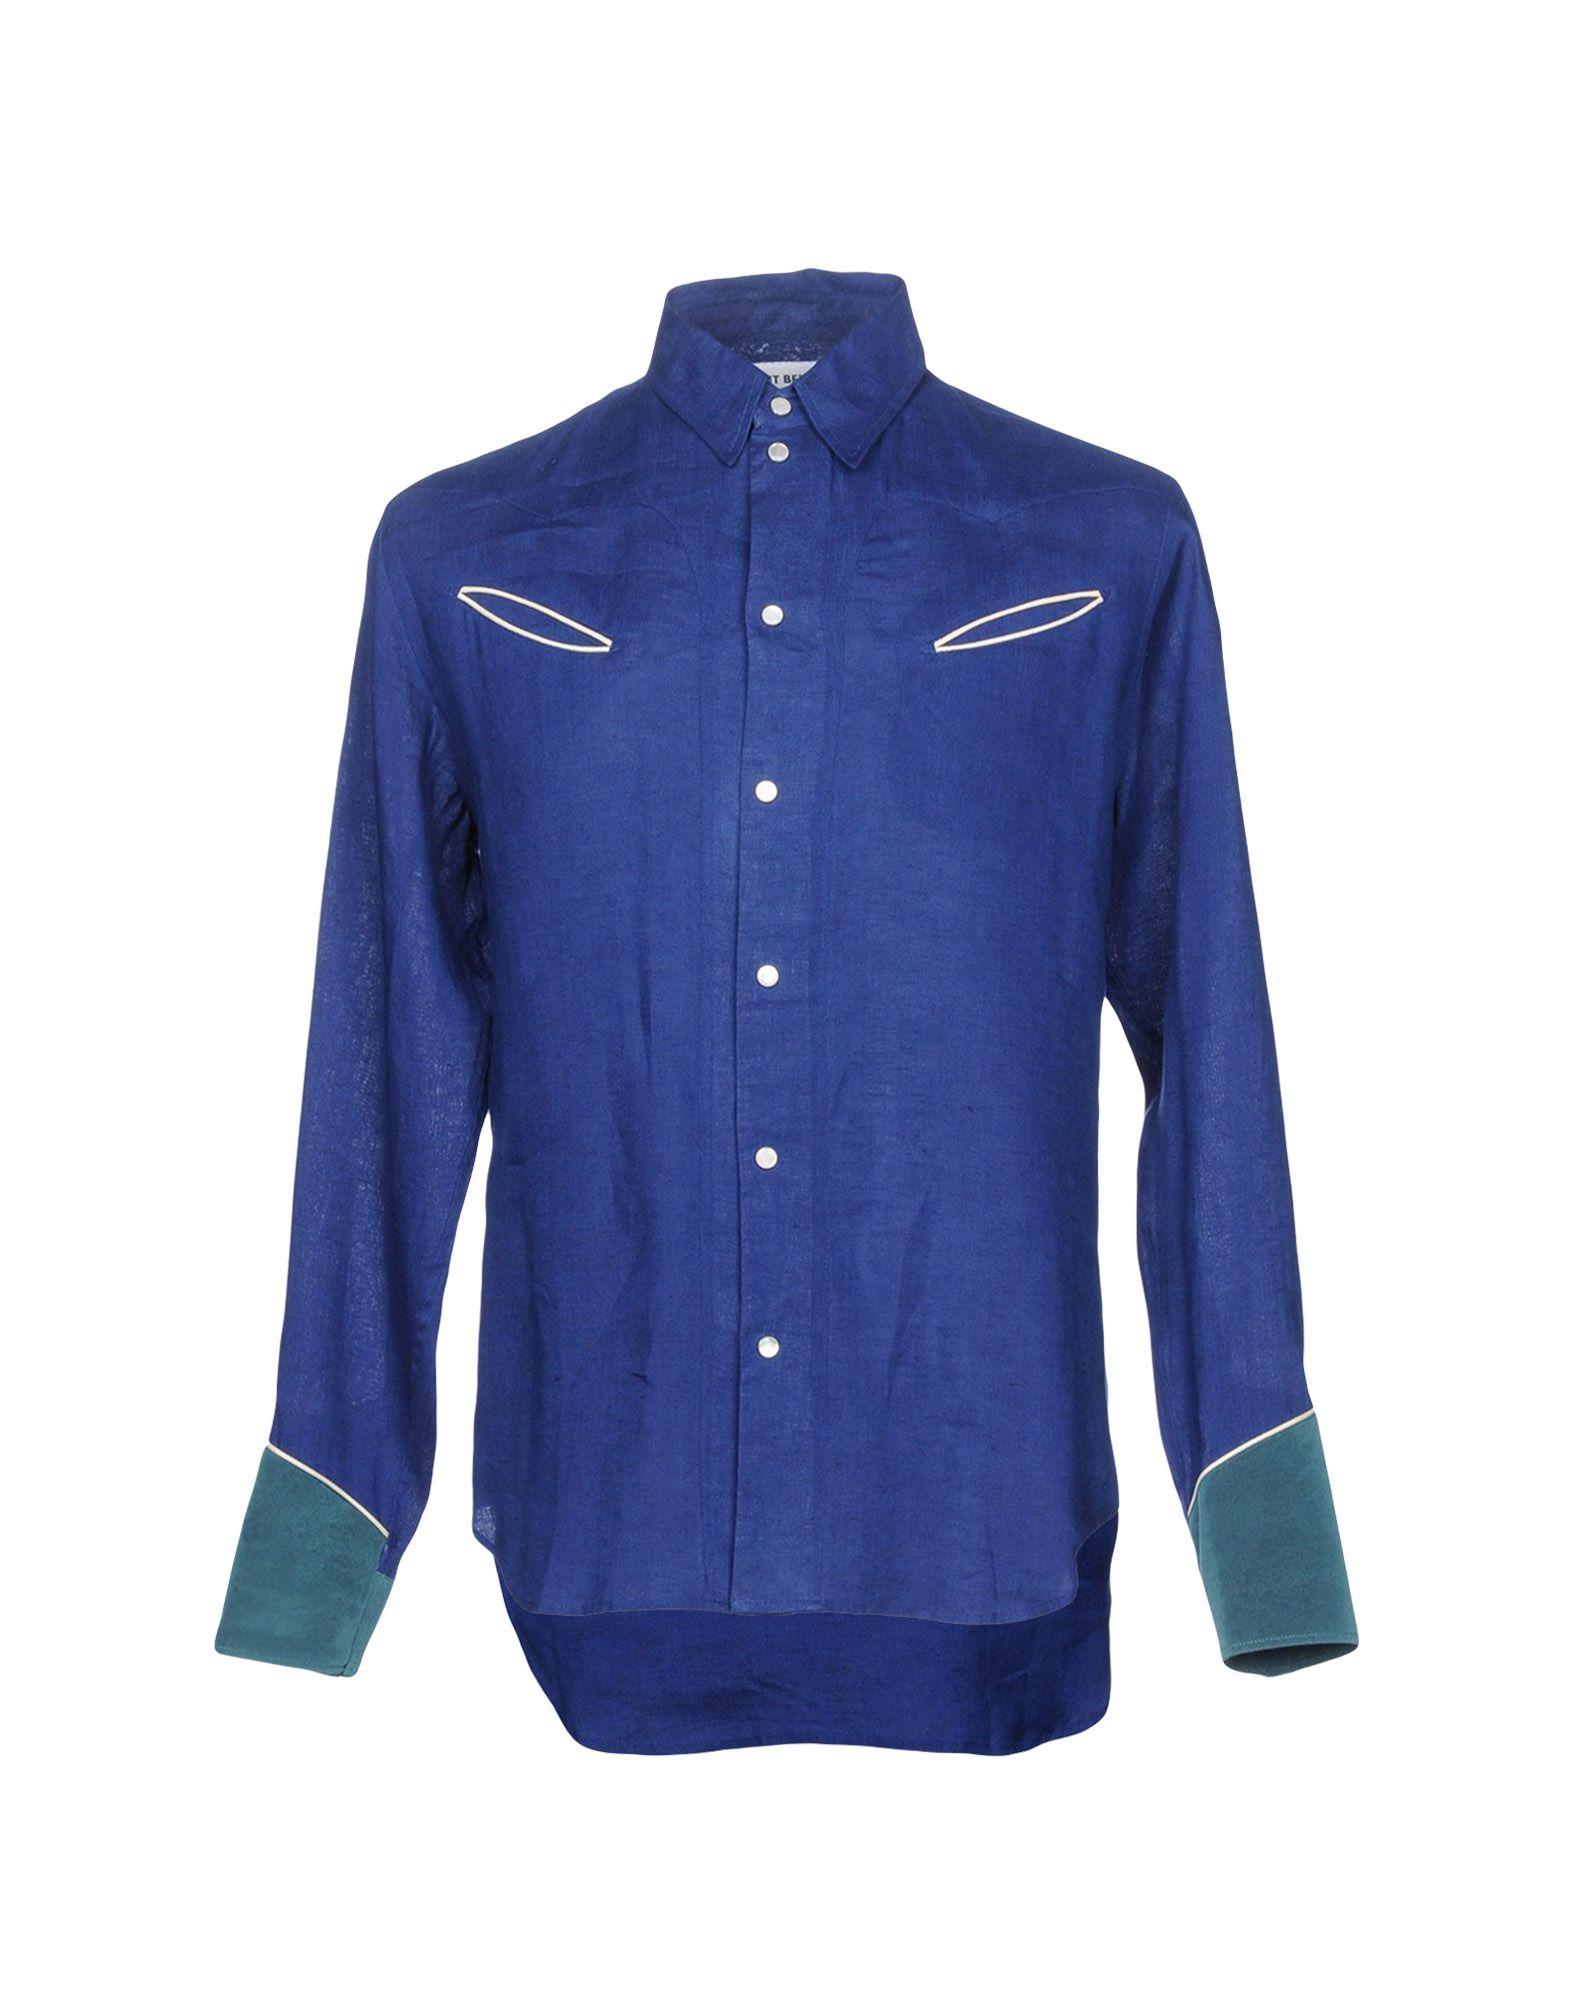 Camicia In Lino Umit Benan Donna - Acquista online su